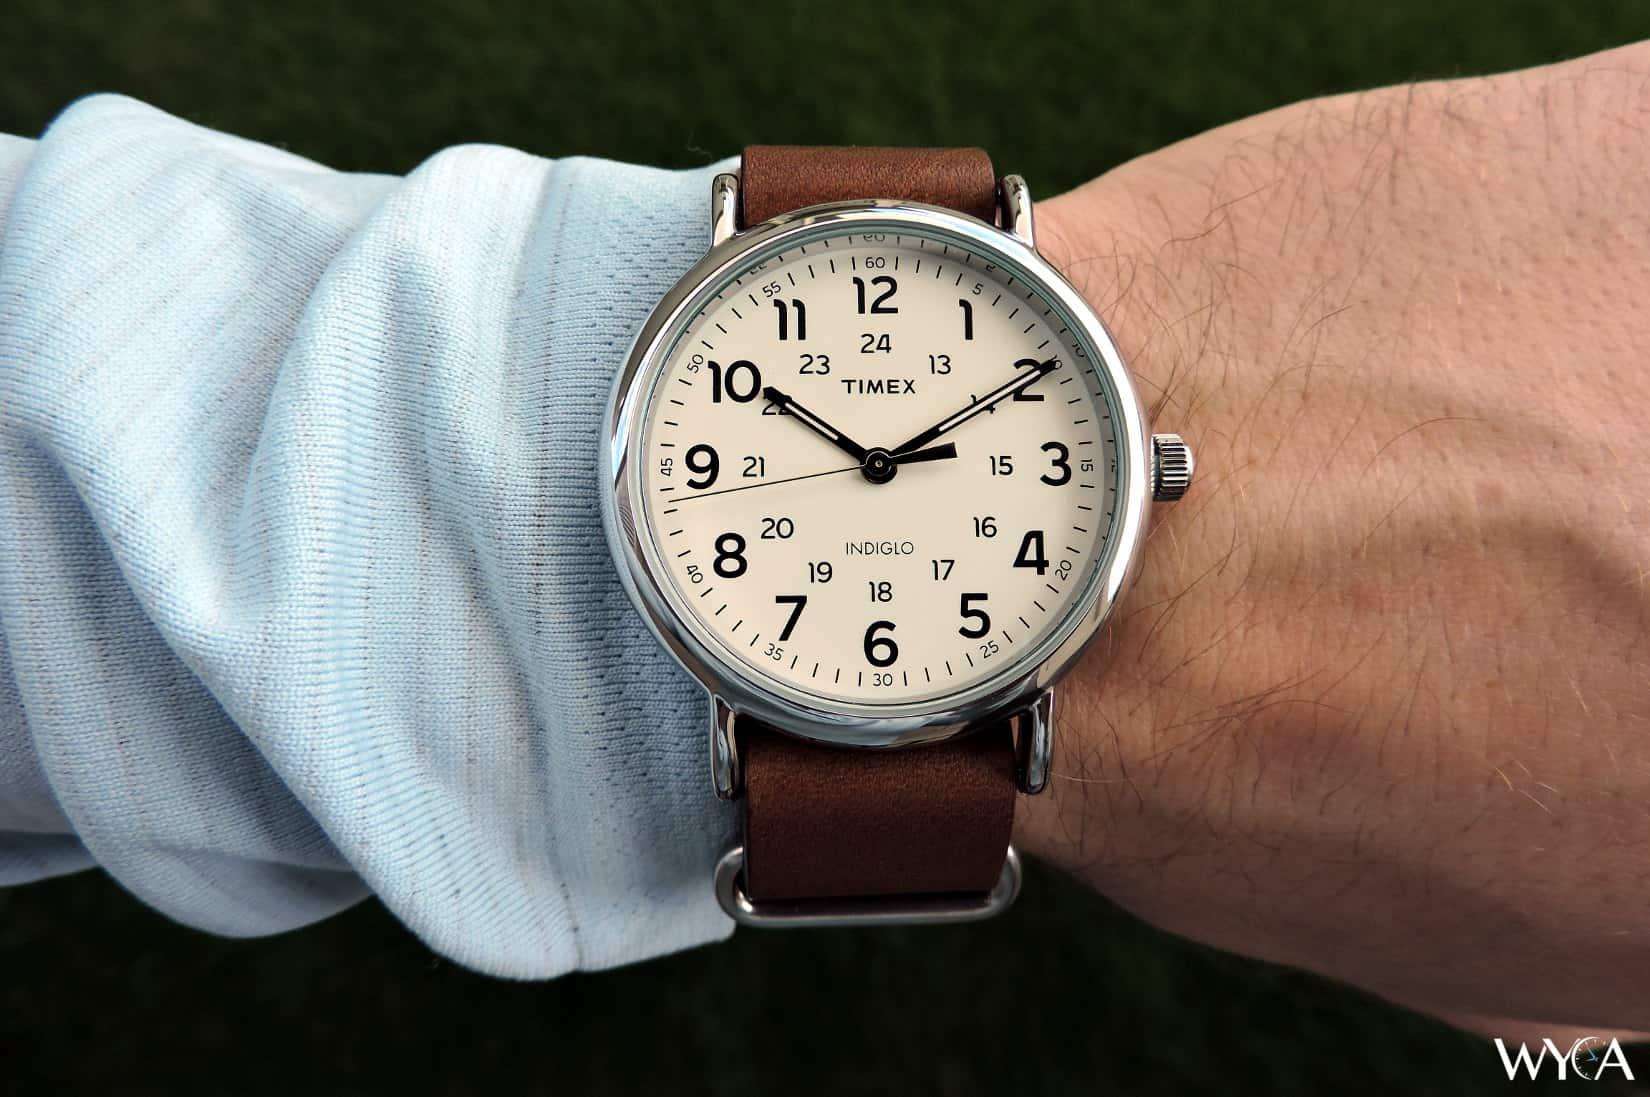 262befa16 Timex Weekender 40 Review | Reviews by WYCA